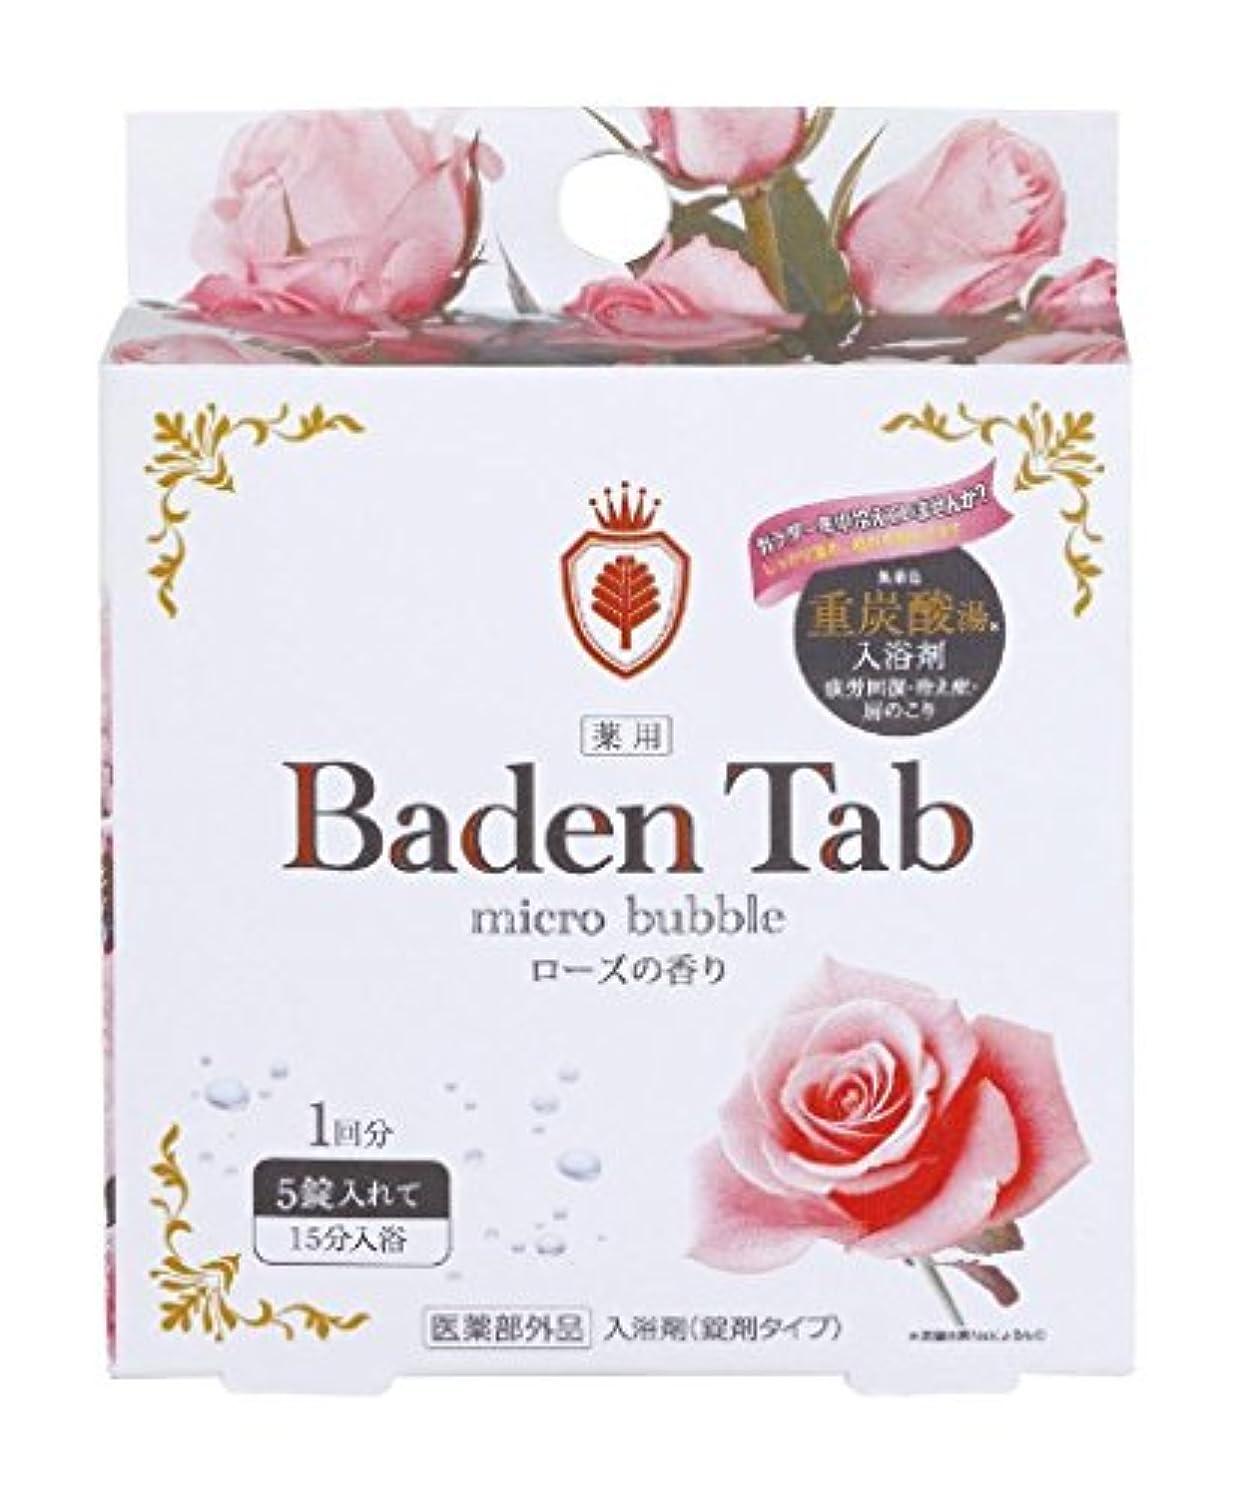 球状夜うがい薬日本製 japan BT-8704 薬用 Baden Tab(ローズの香り) 5錠×1パック 【まとめ買い12個セット】